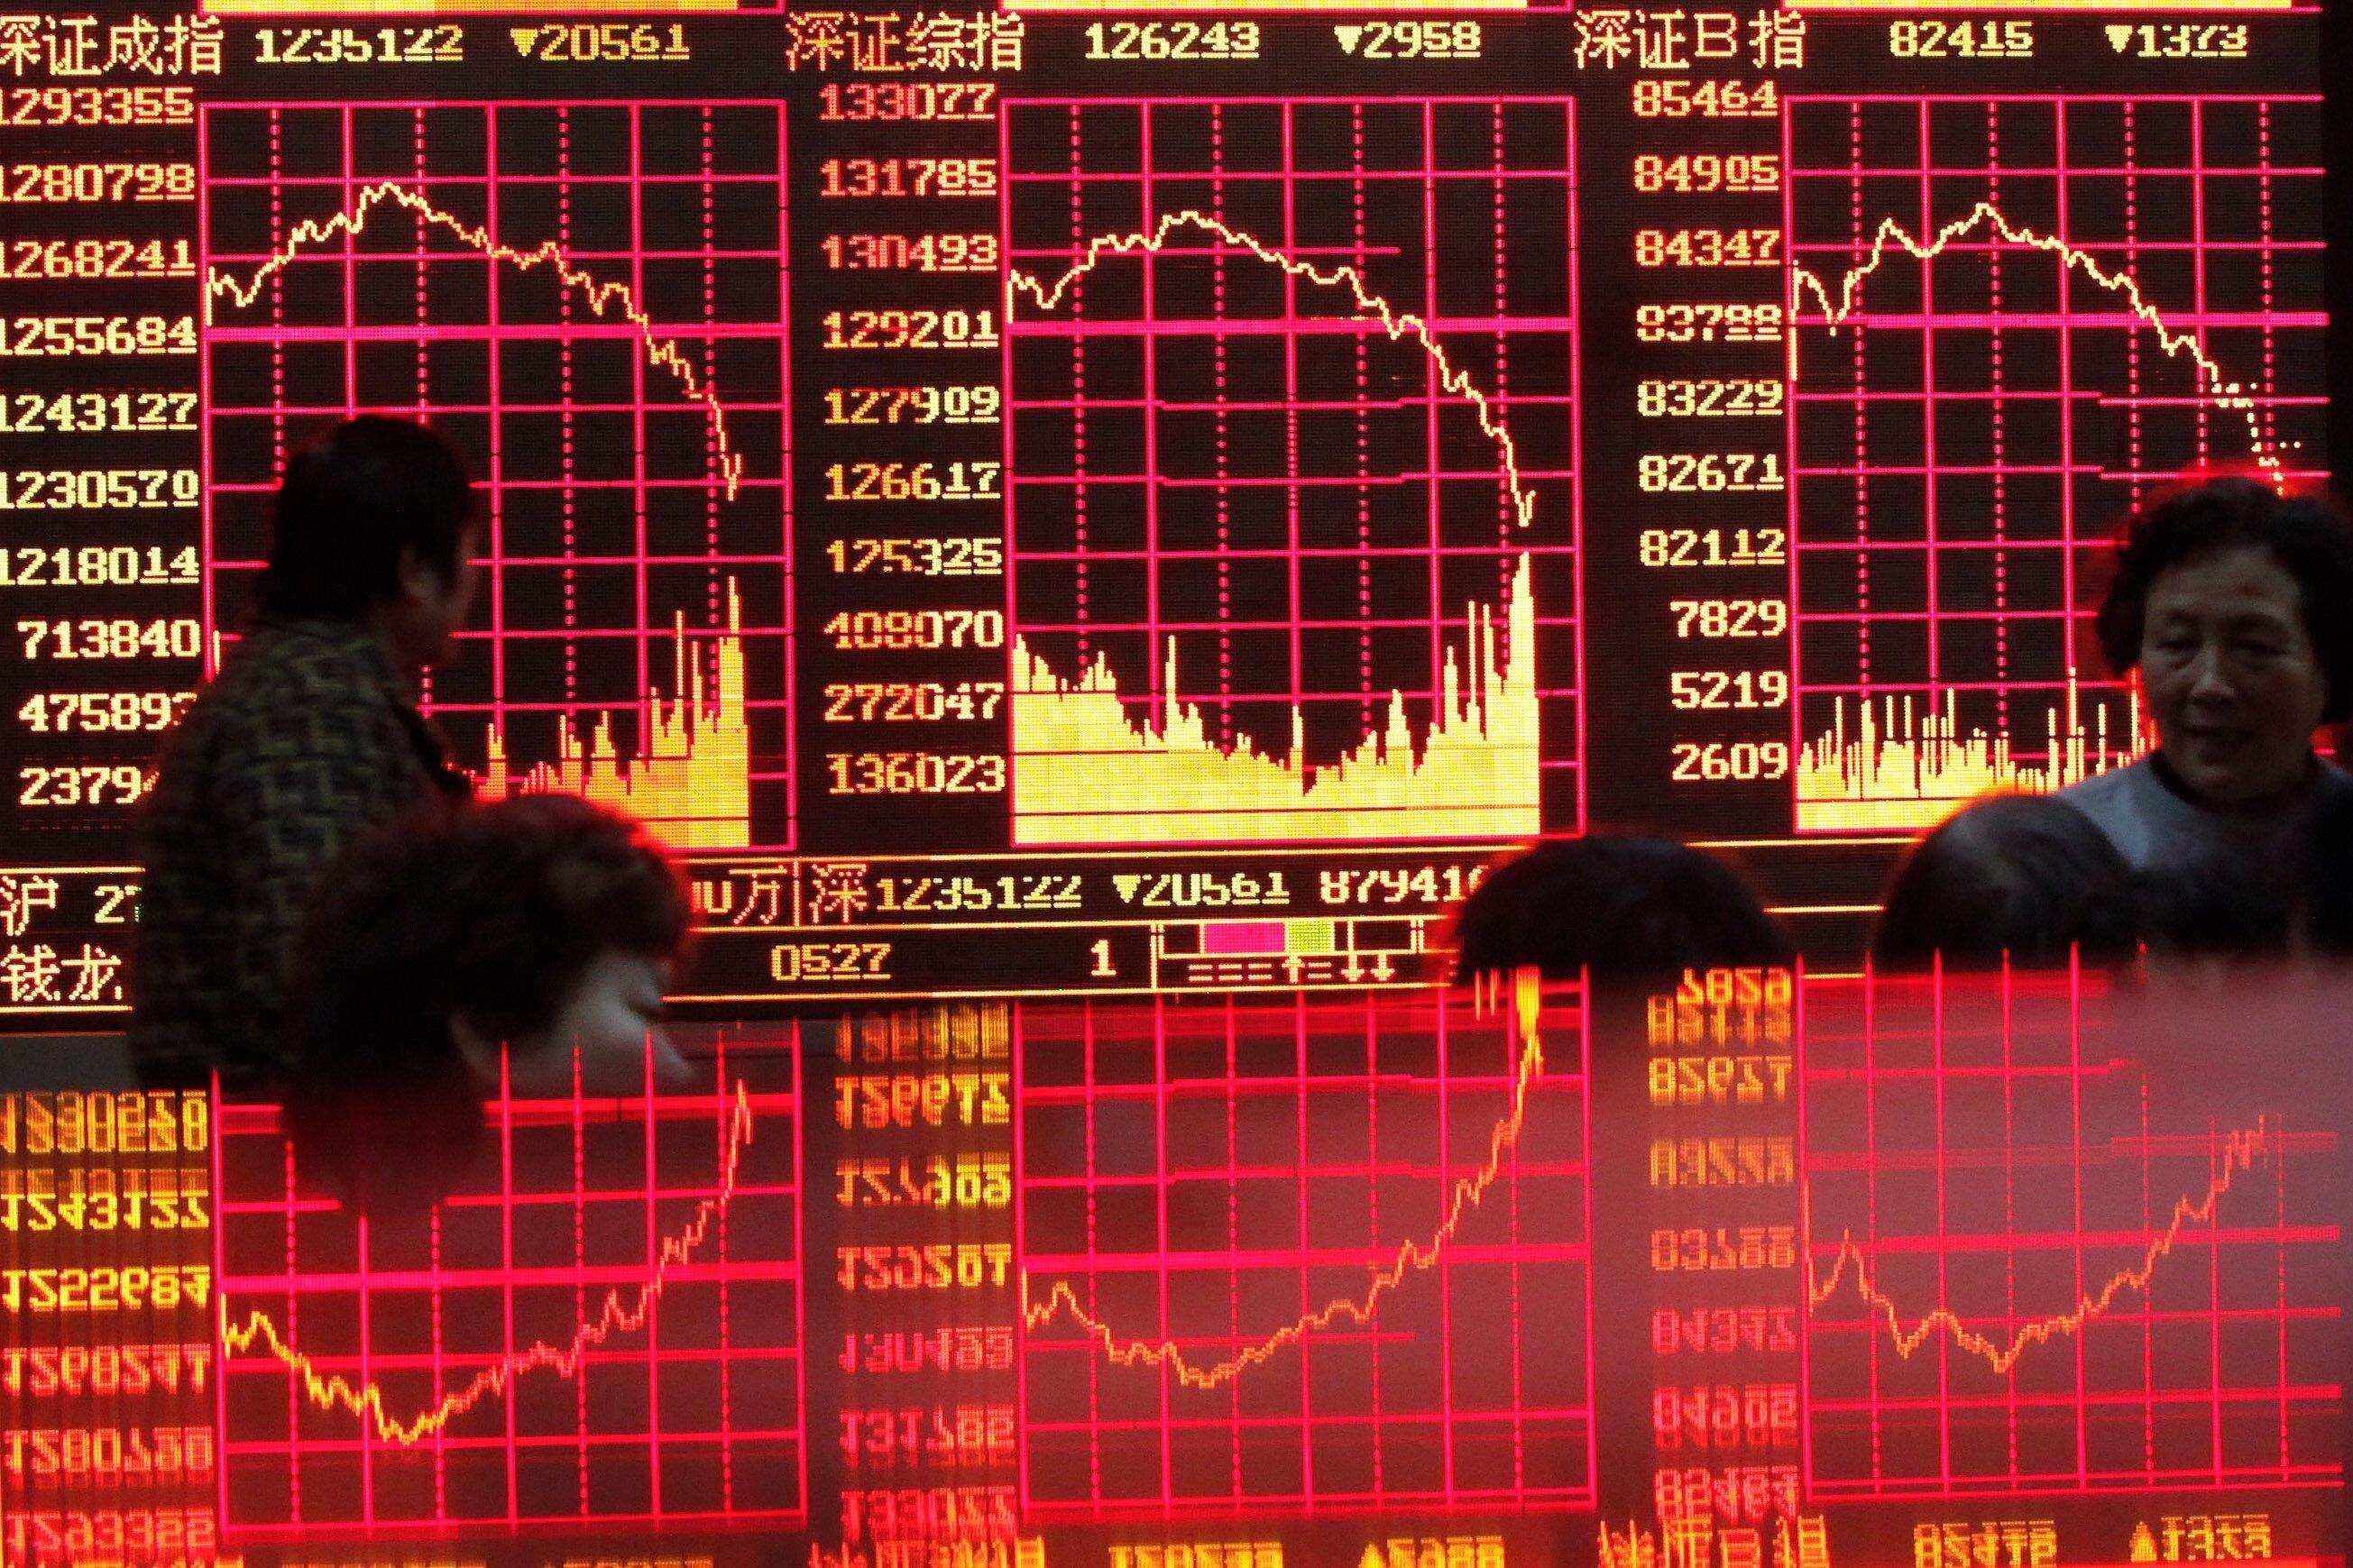 明日股市三大猜想|沪指创新低概率大增!